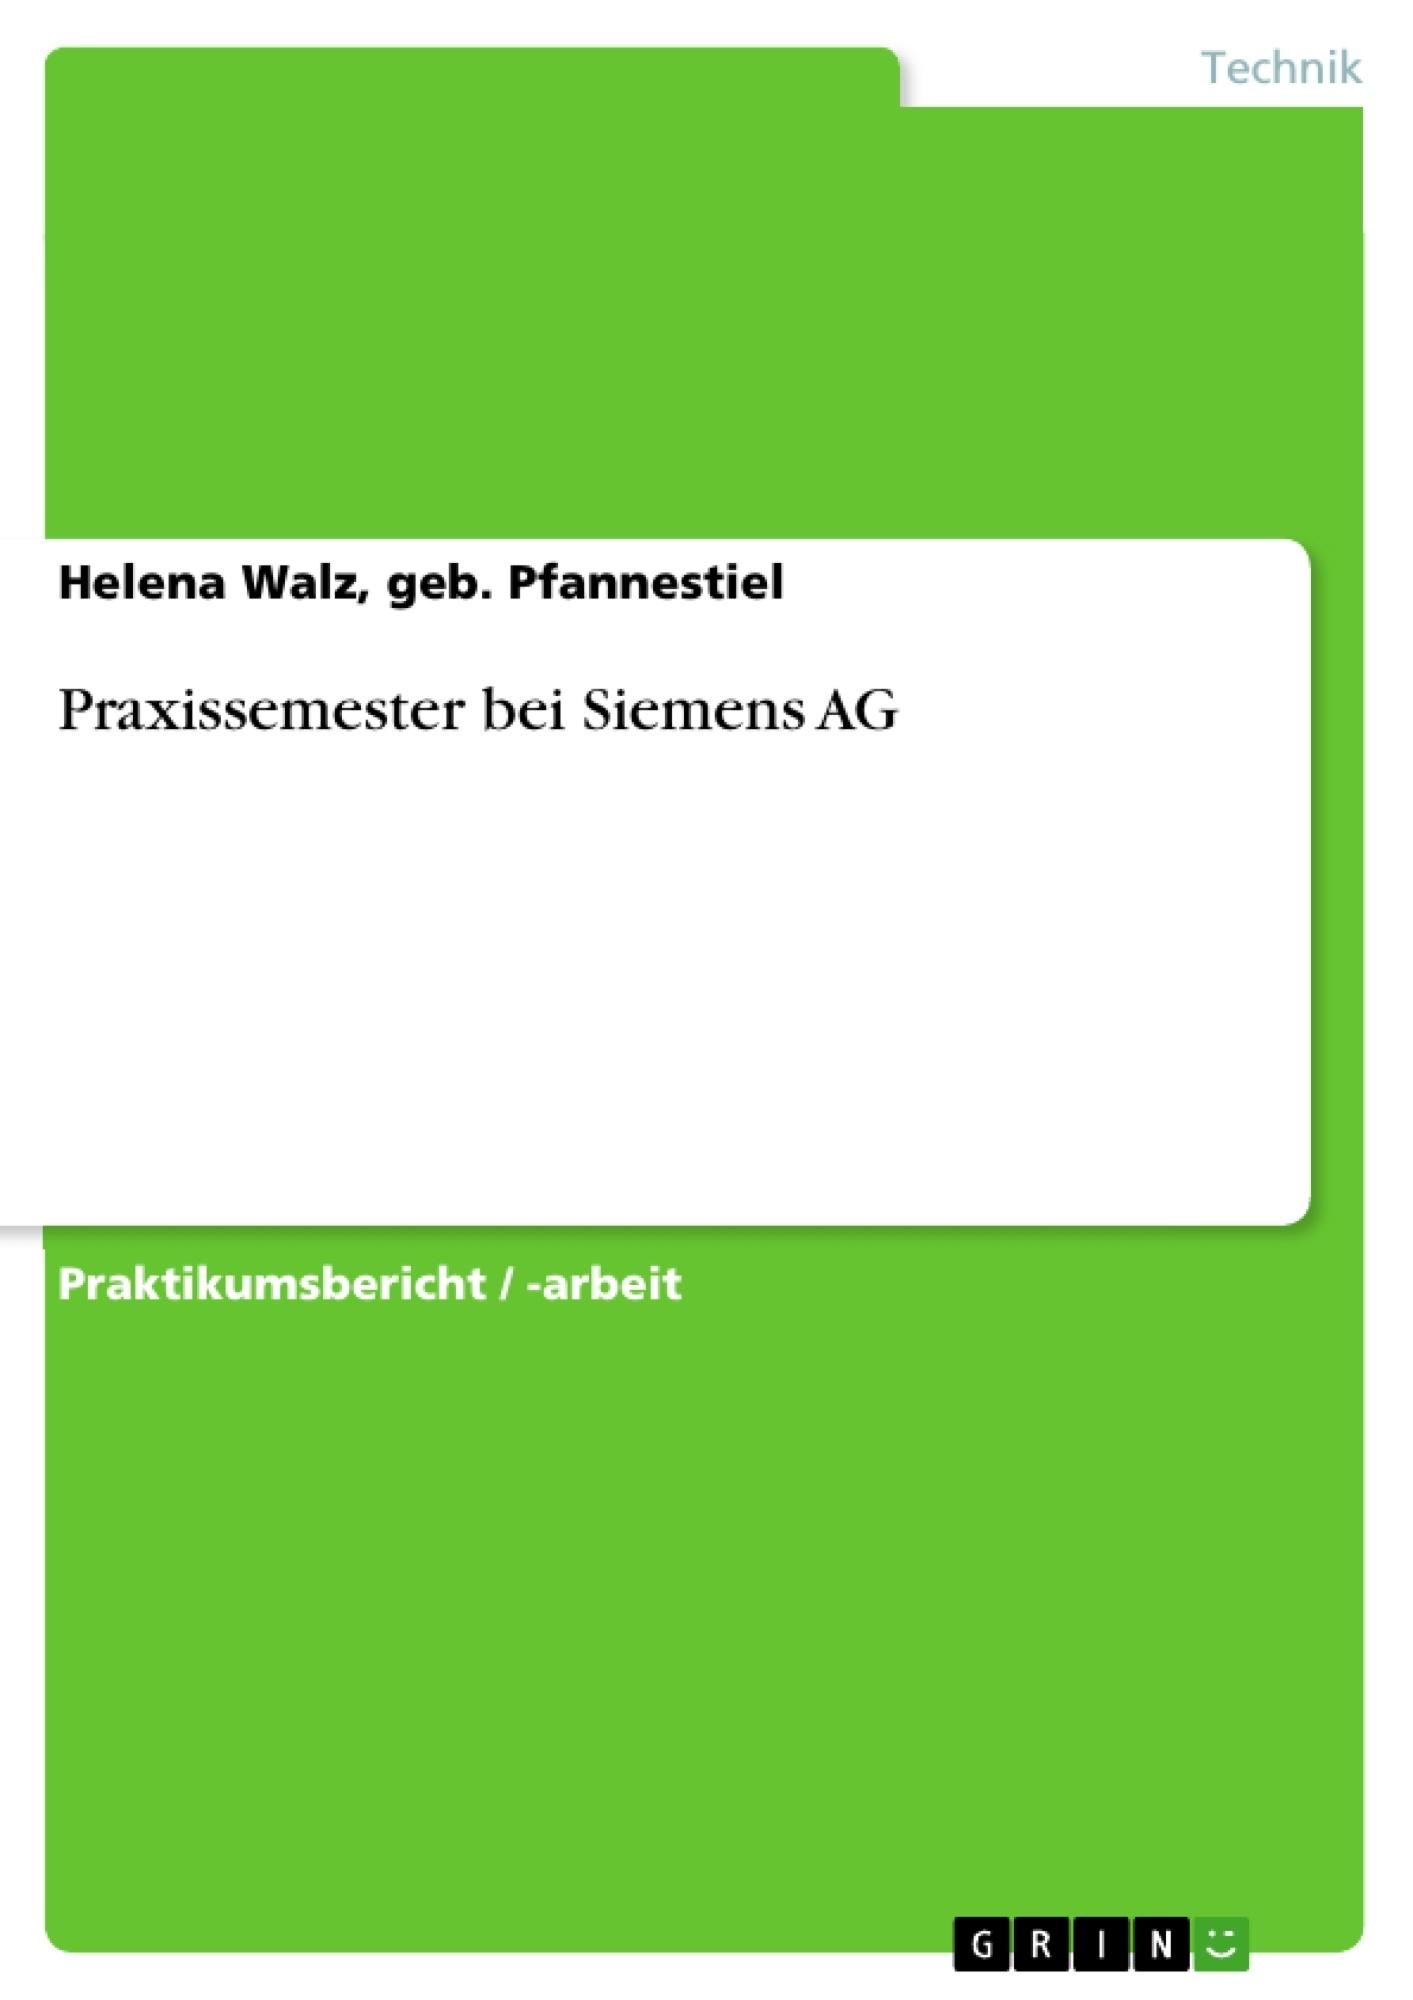 Titel: Praxissemester bei Siemens AG